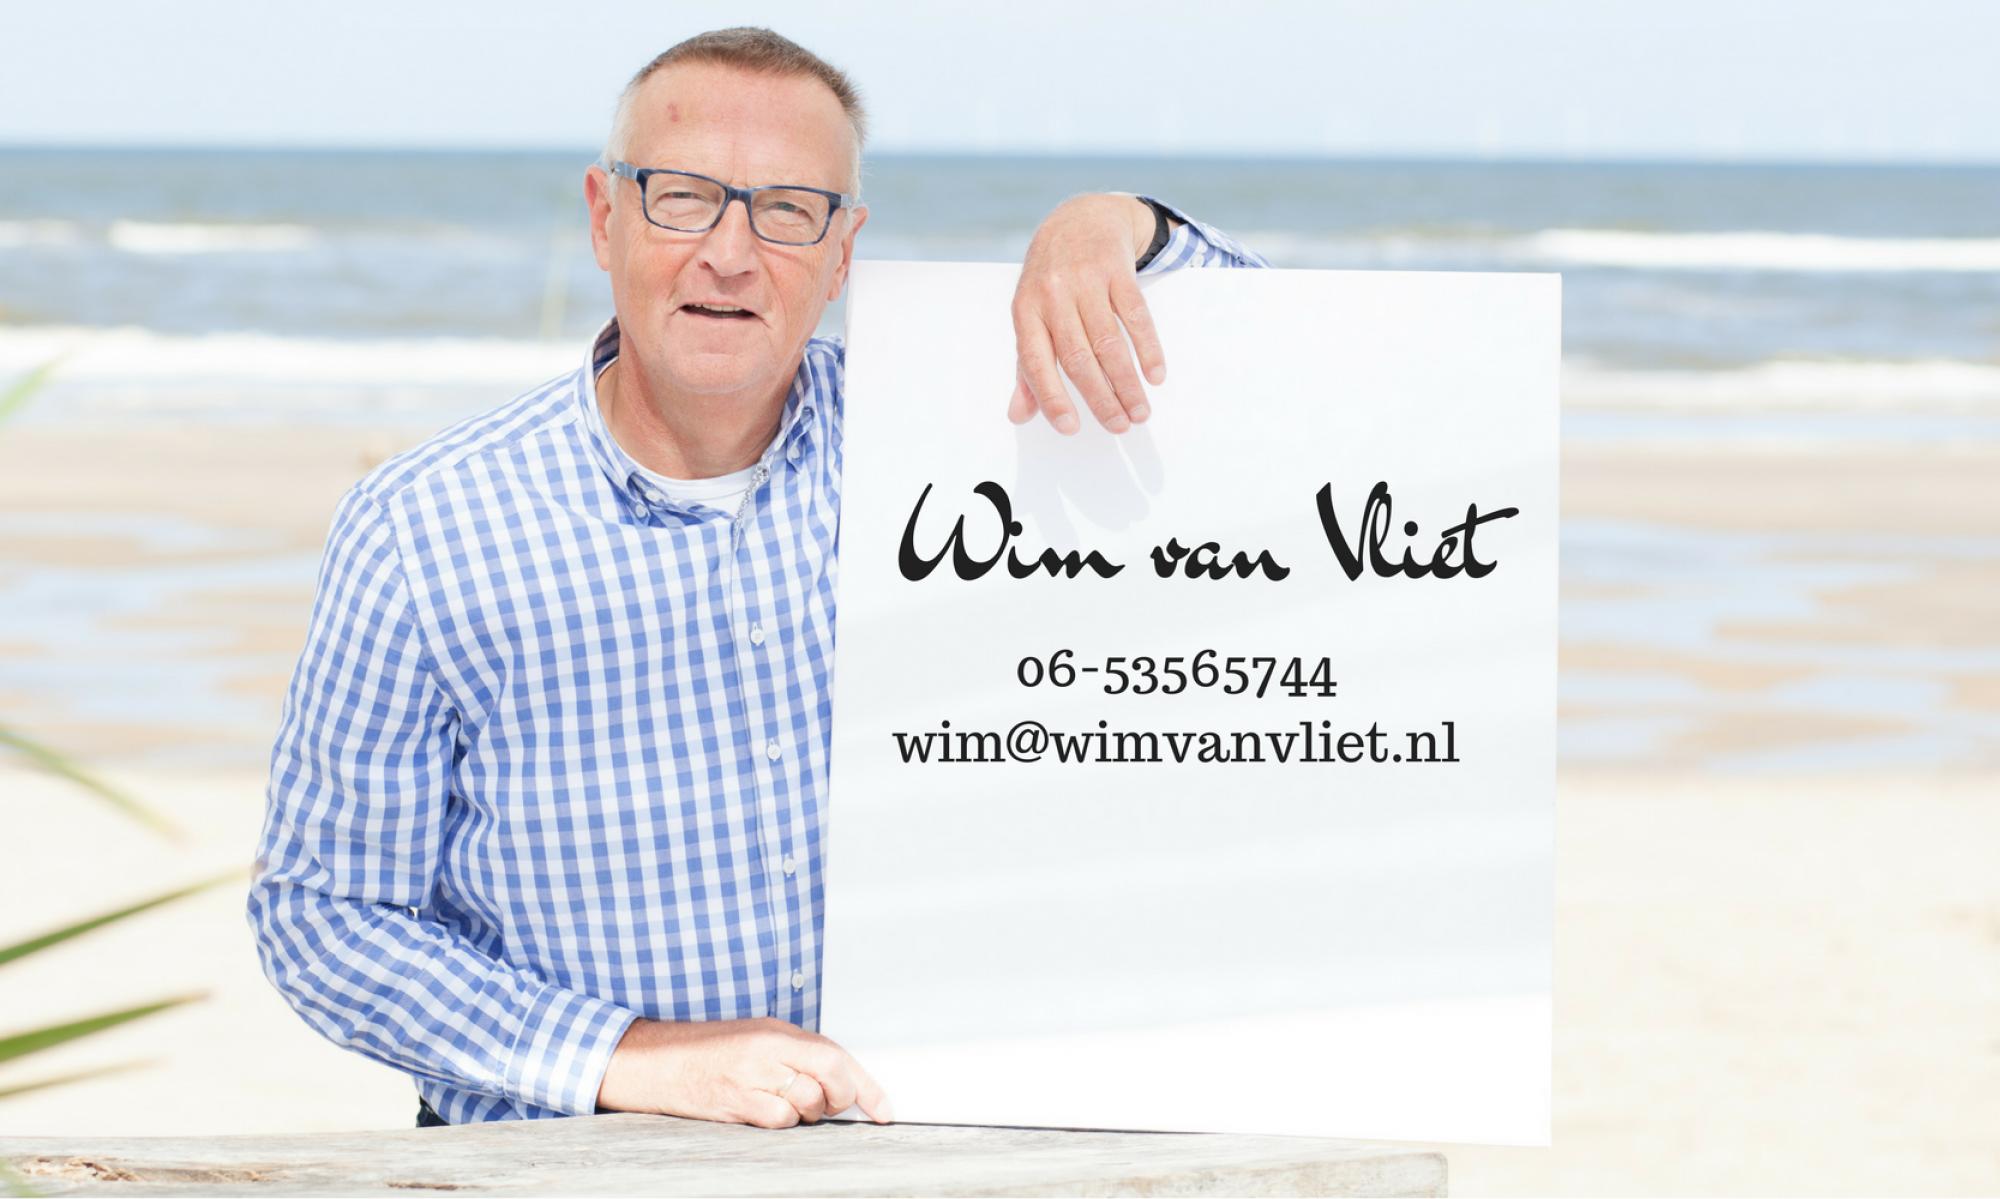 Wim van Vliet